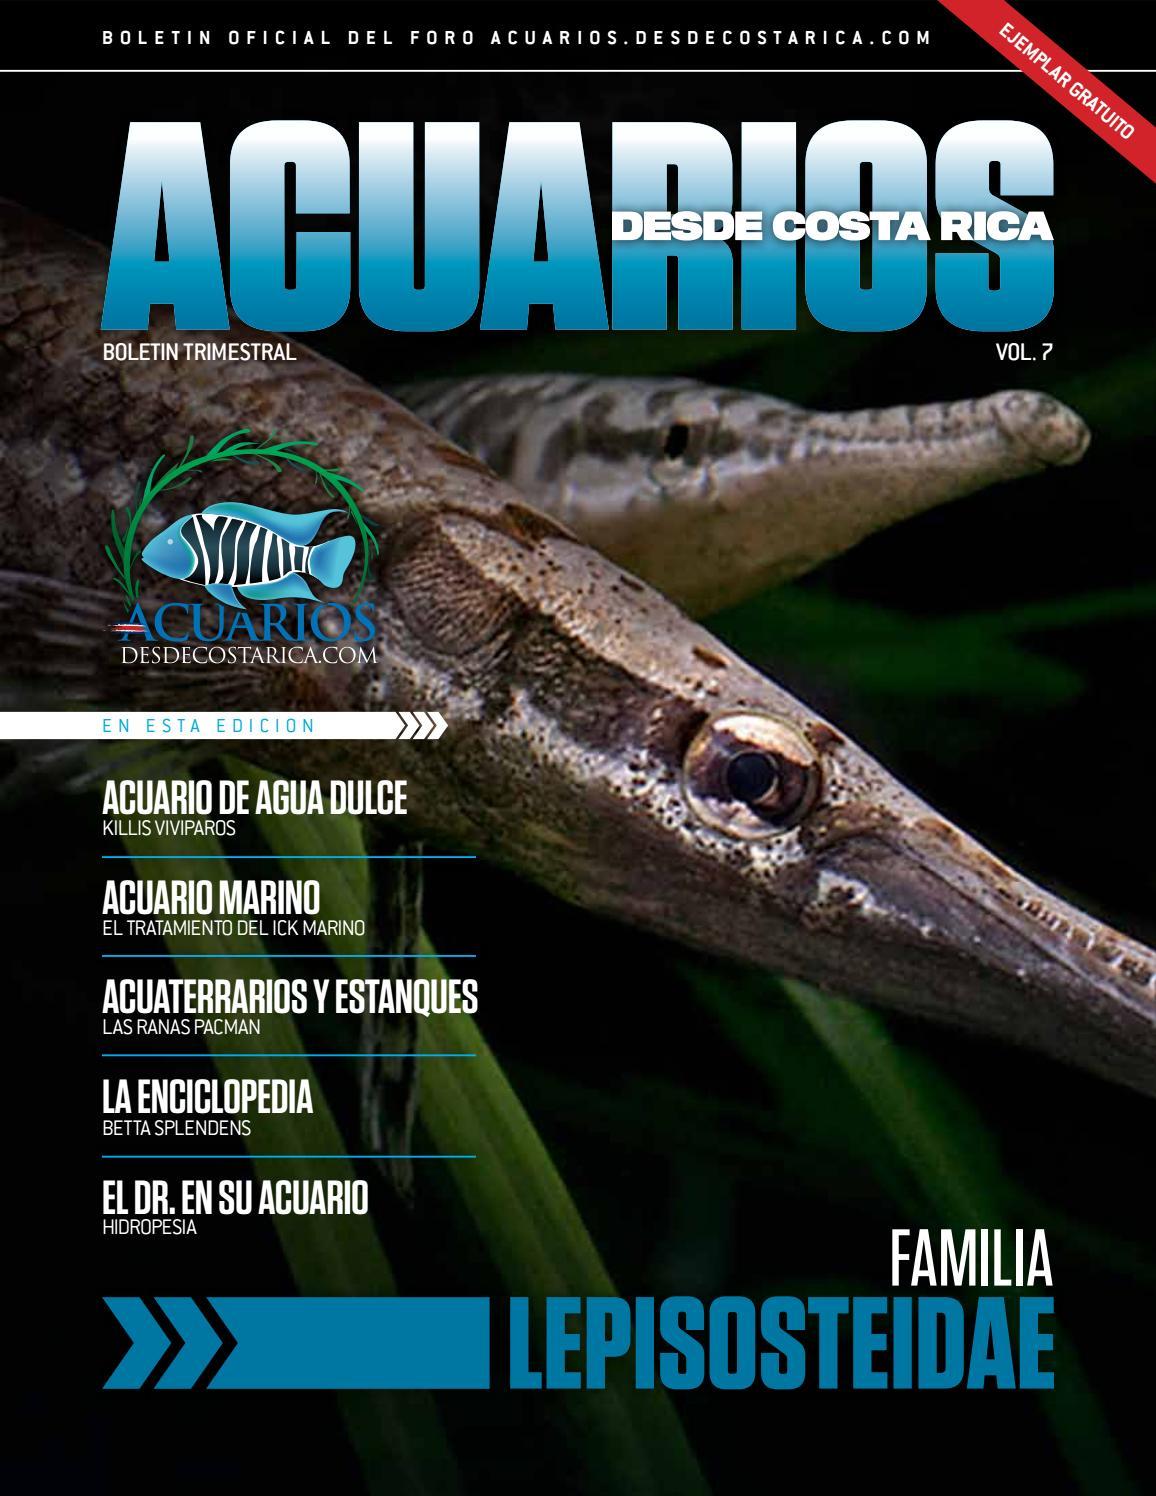 Revista acuarios desde costa rica vol 7 by la magia de for Manual de peces ornamentales